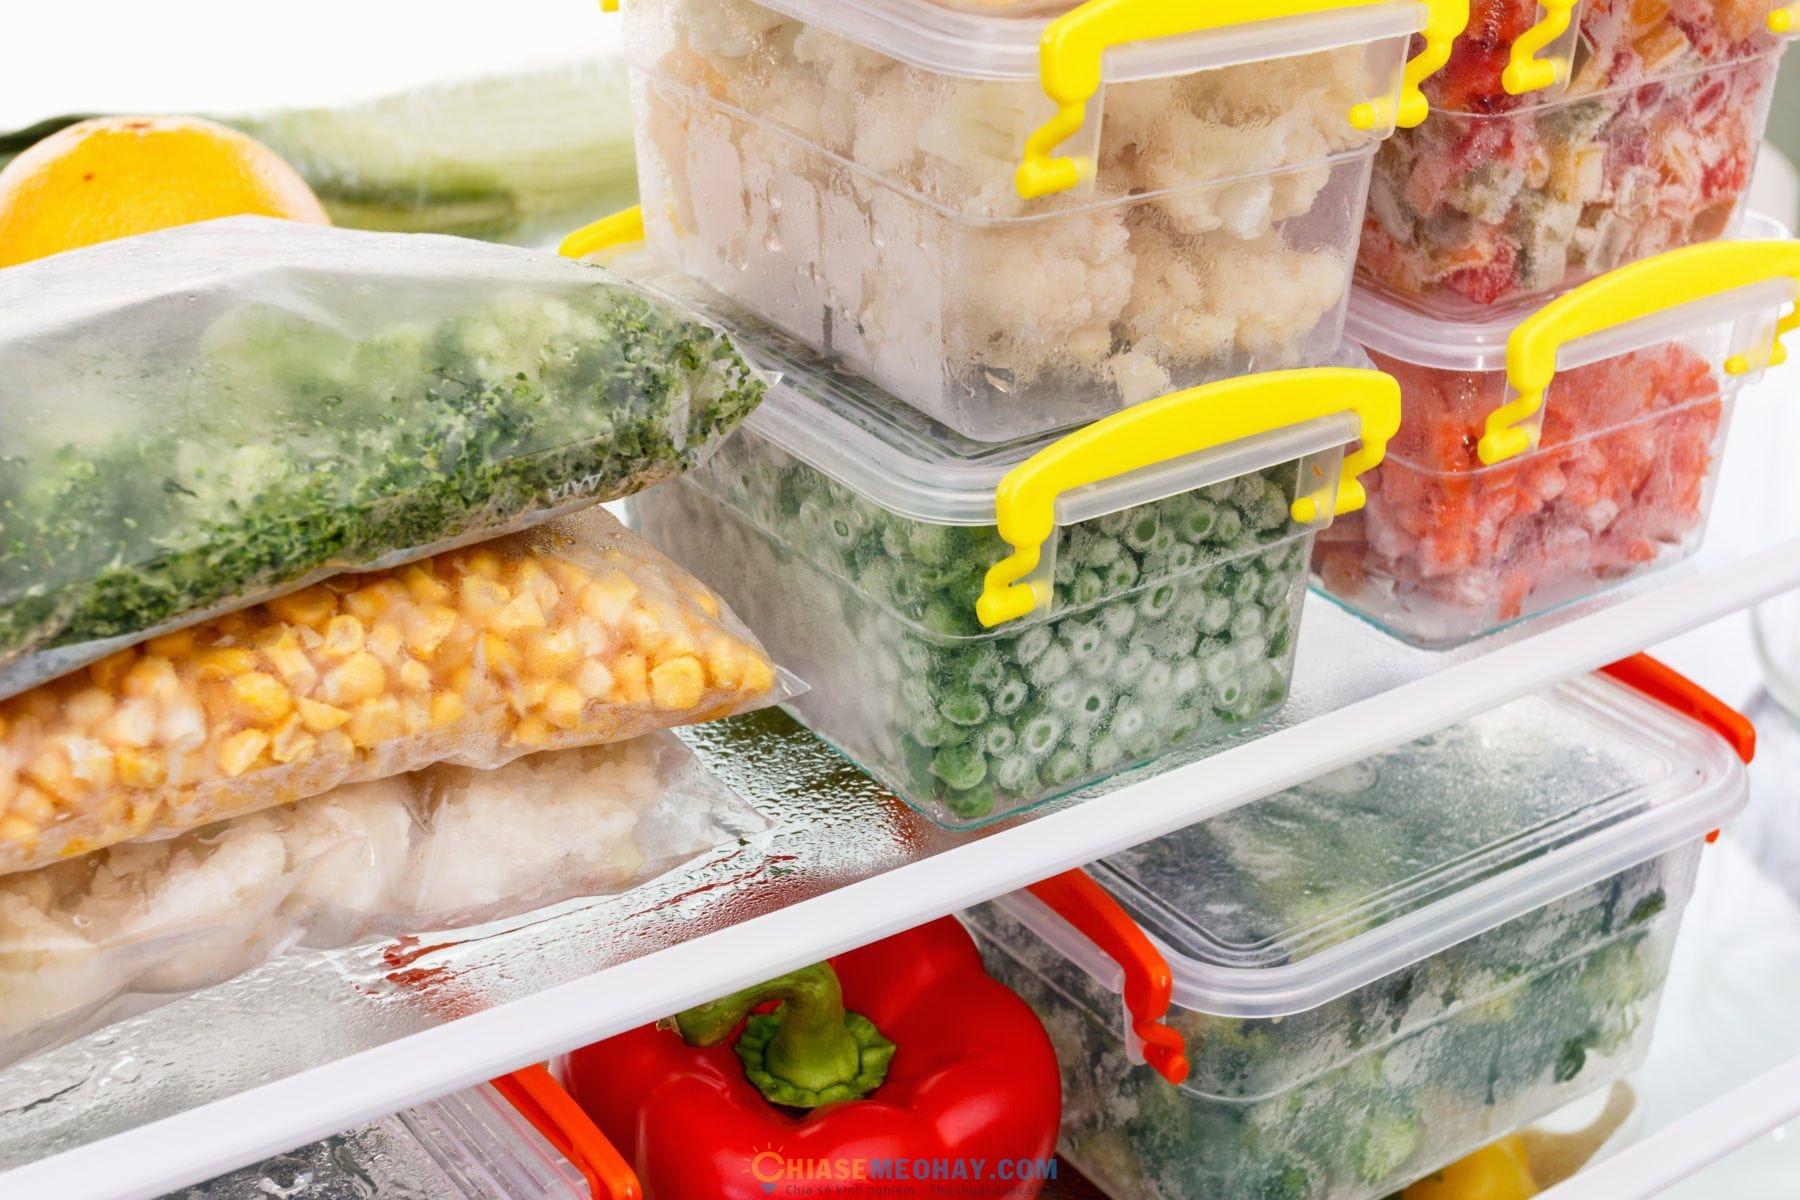 Cách bảo quản thức ăn ở ngăn đông